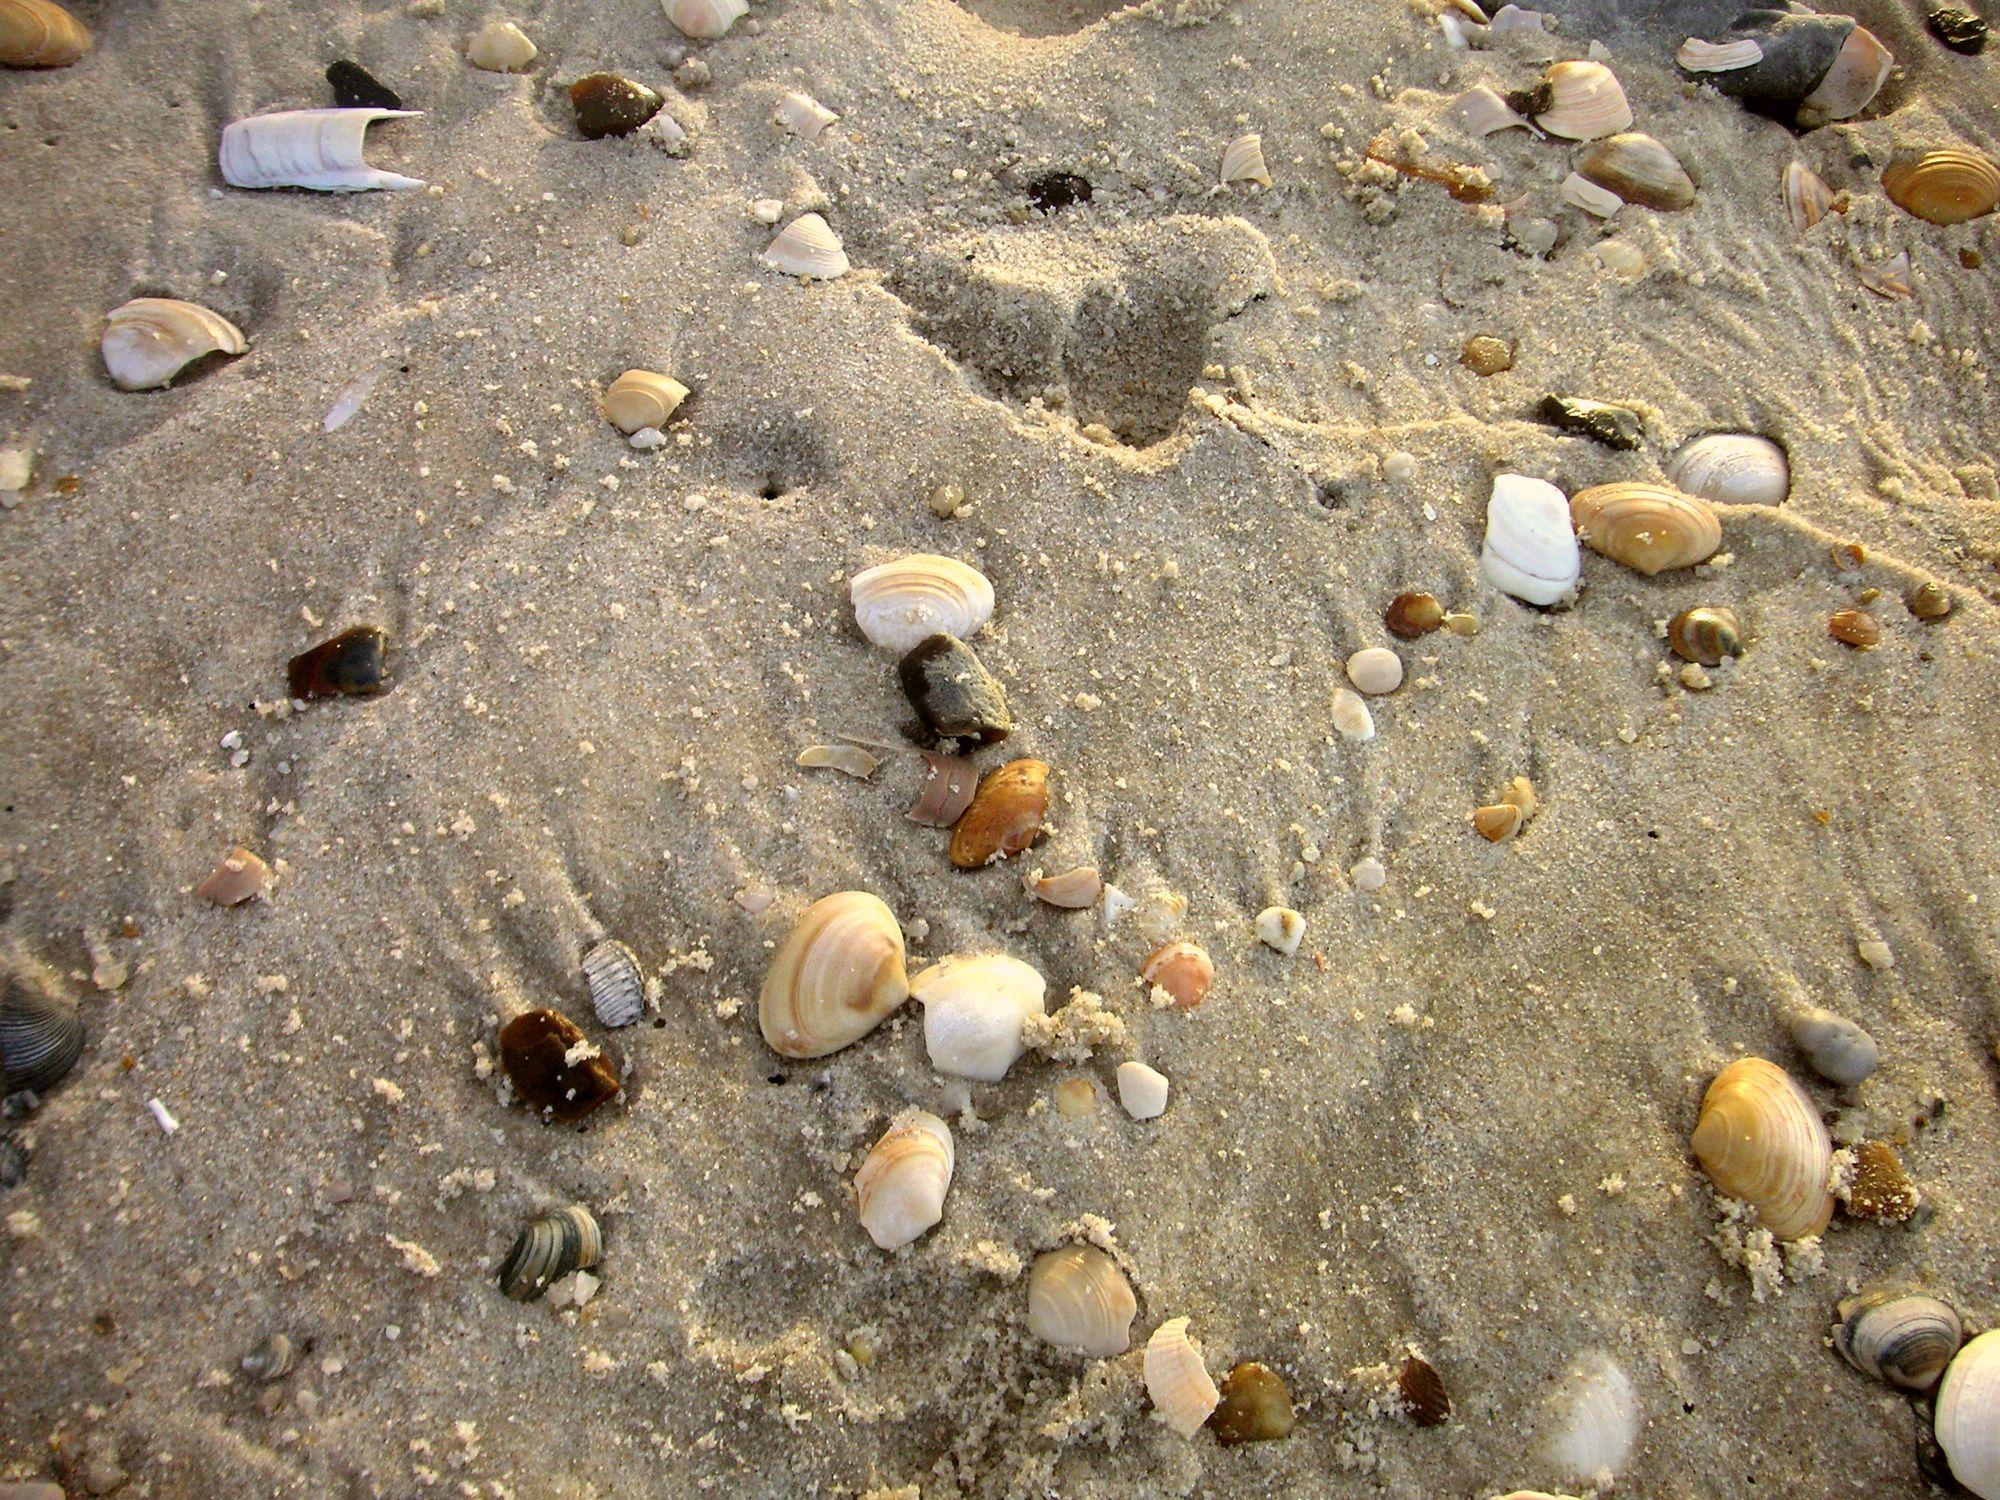 Bild mit Gegenstände, Natur, Landschaften, Felsen, Materialien, Stein, Sand, Strand, Muscheln